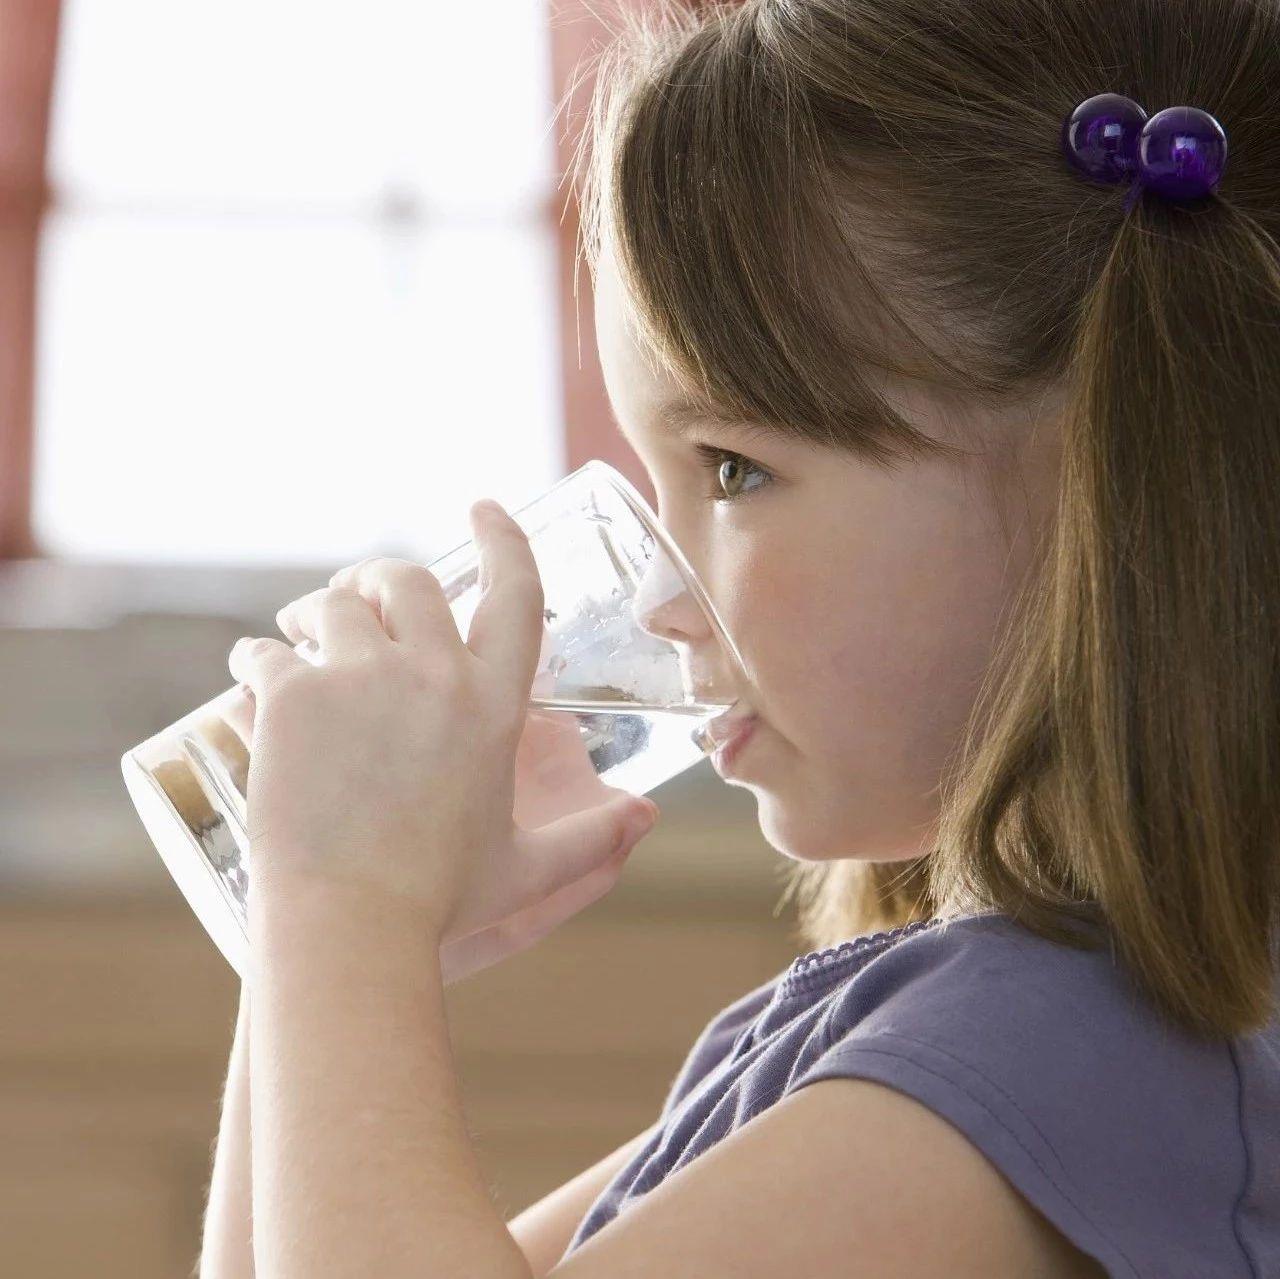 一杯水也能�|�l心�K��!心�K最怕�@5�N喝水方式,萍�l人一定要注意!